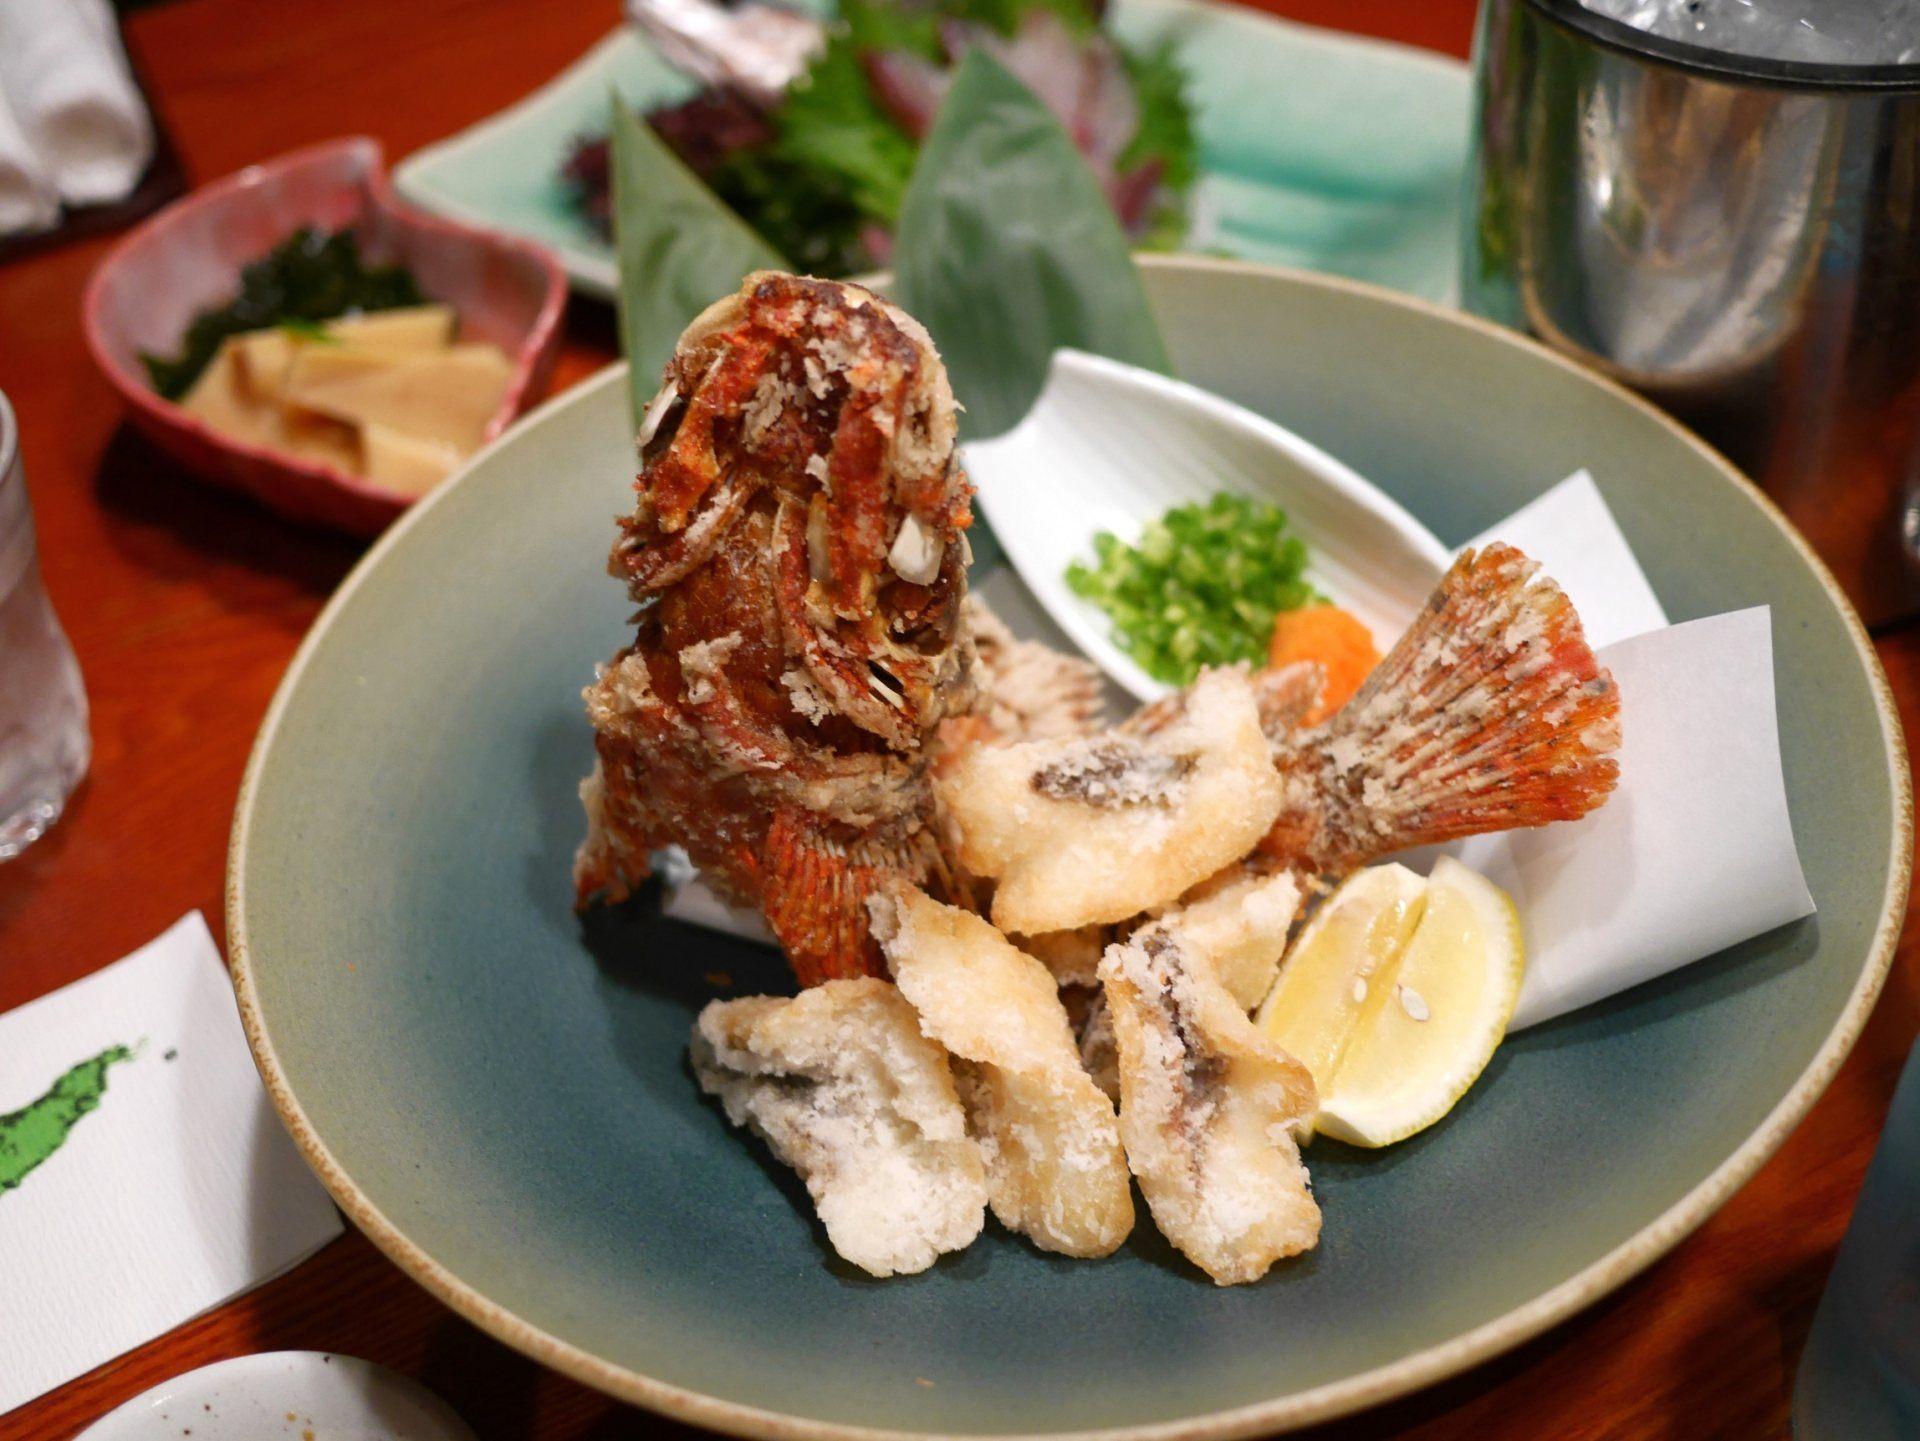 造型漂亮的油炸鮋鱼